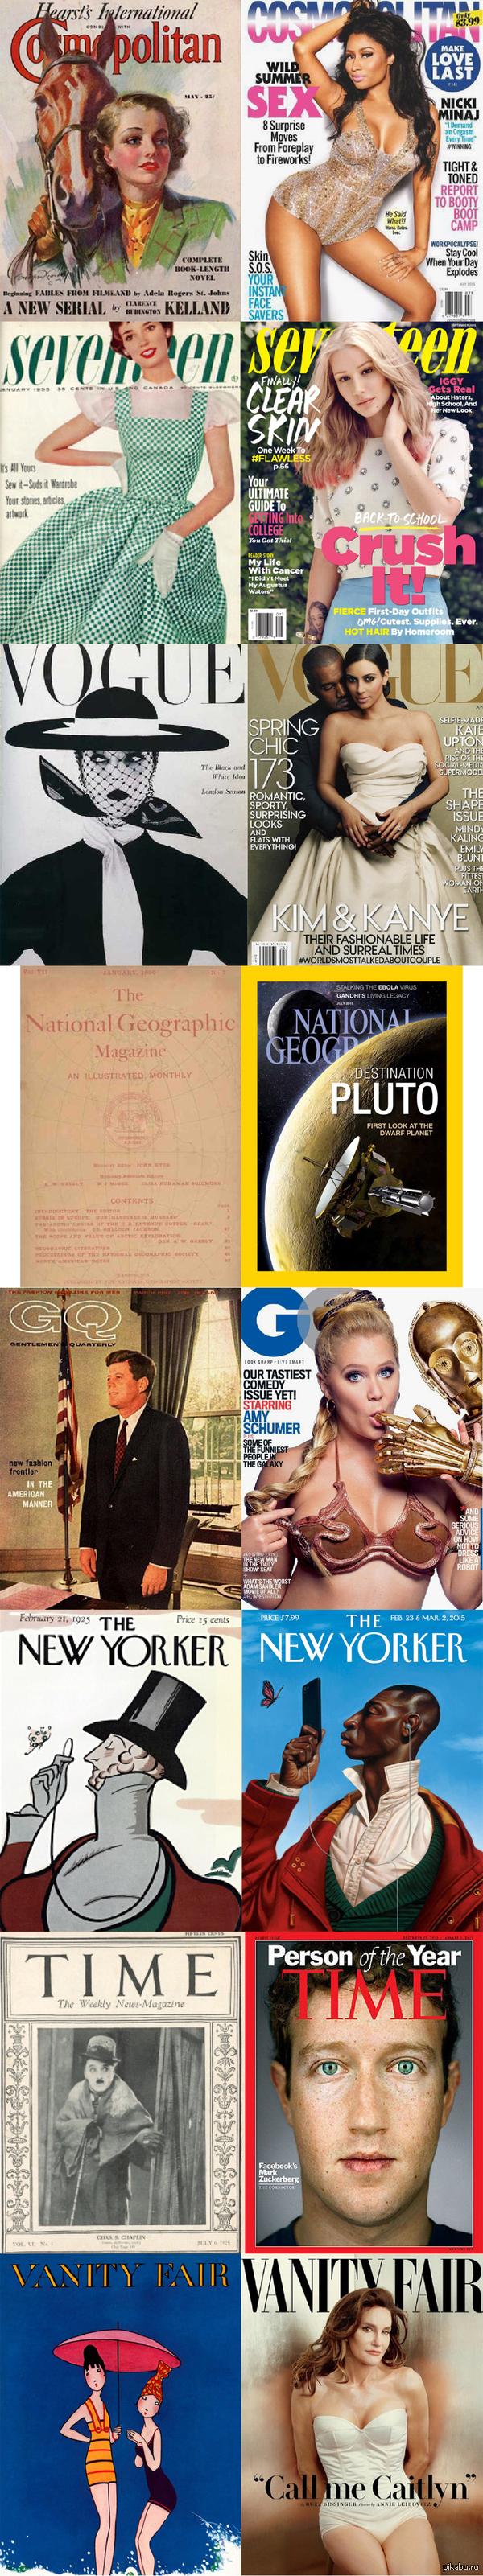 Эволюция журнальных обложек за последние десятки лет